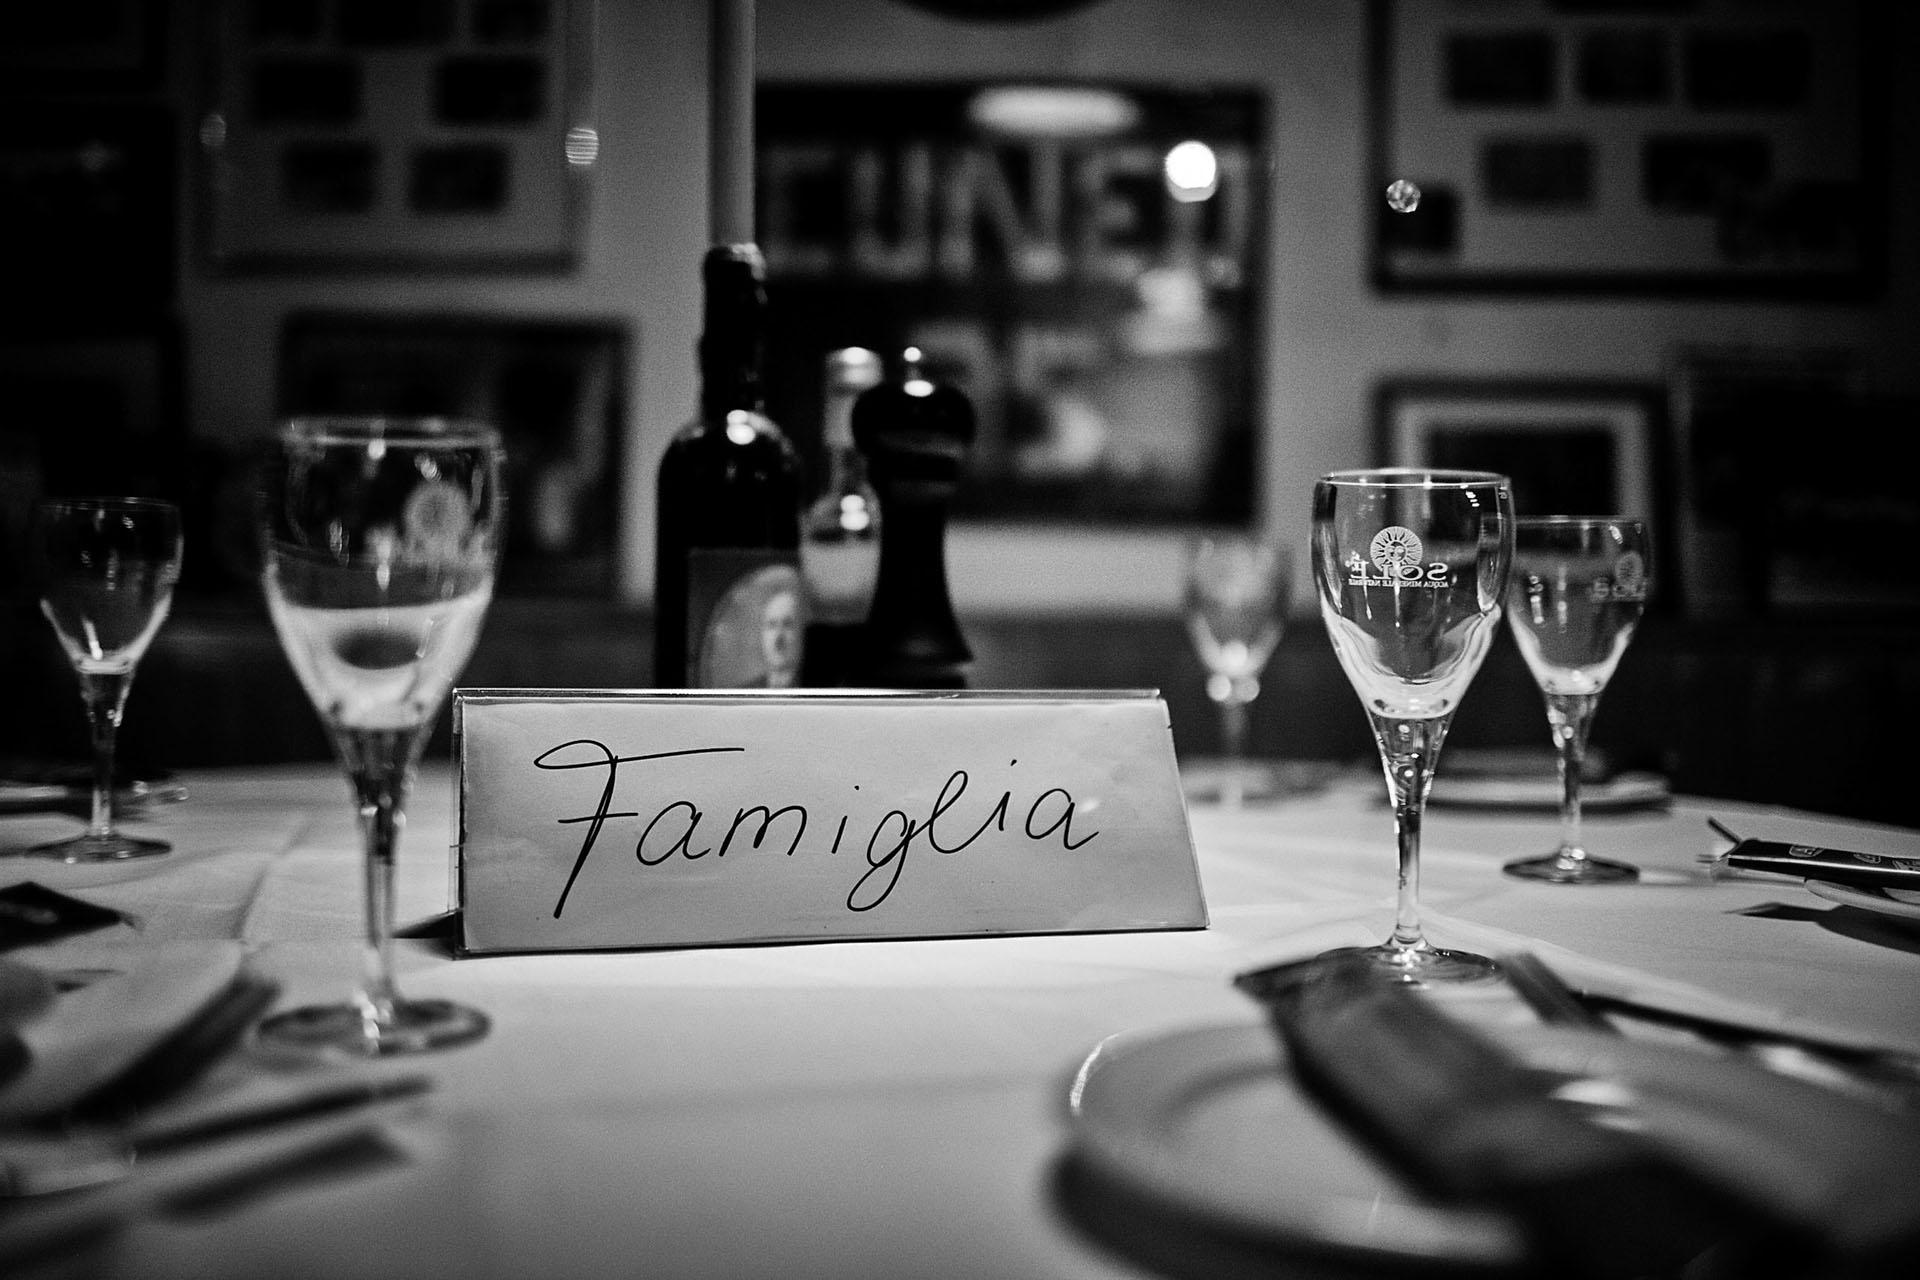 Cuneo Restaurant Trattoria italienische Küche